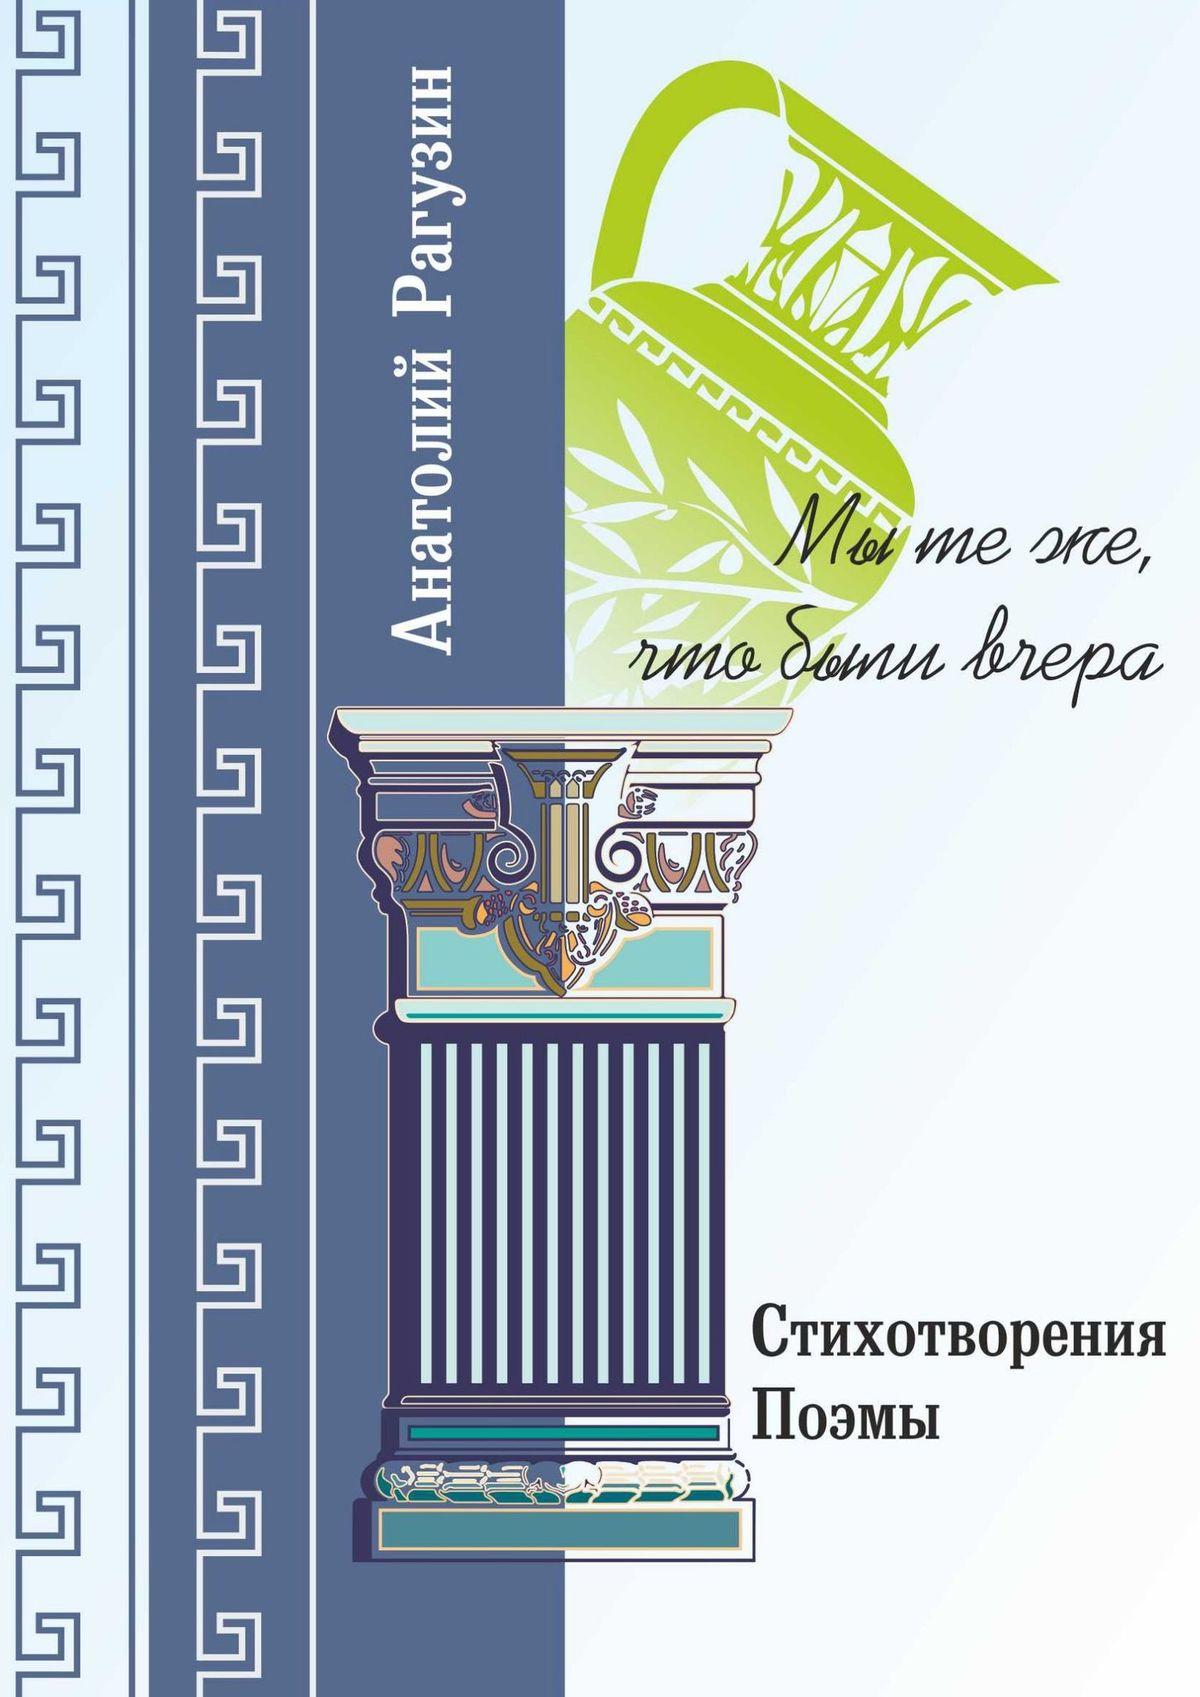 Анатолий Рагузин Мы теже, что были вчера. Стихотворения, поэмы анатолий поперечный анатолий поперечный стихотворения и поэмы